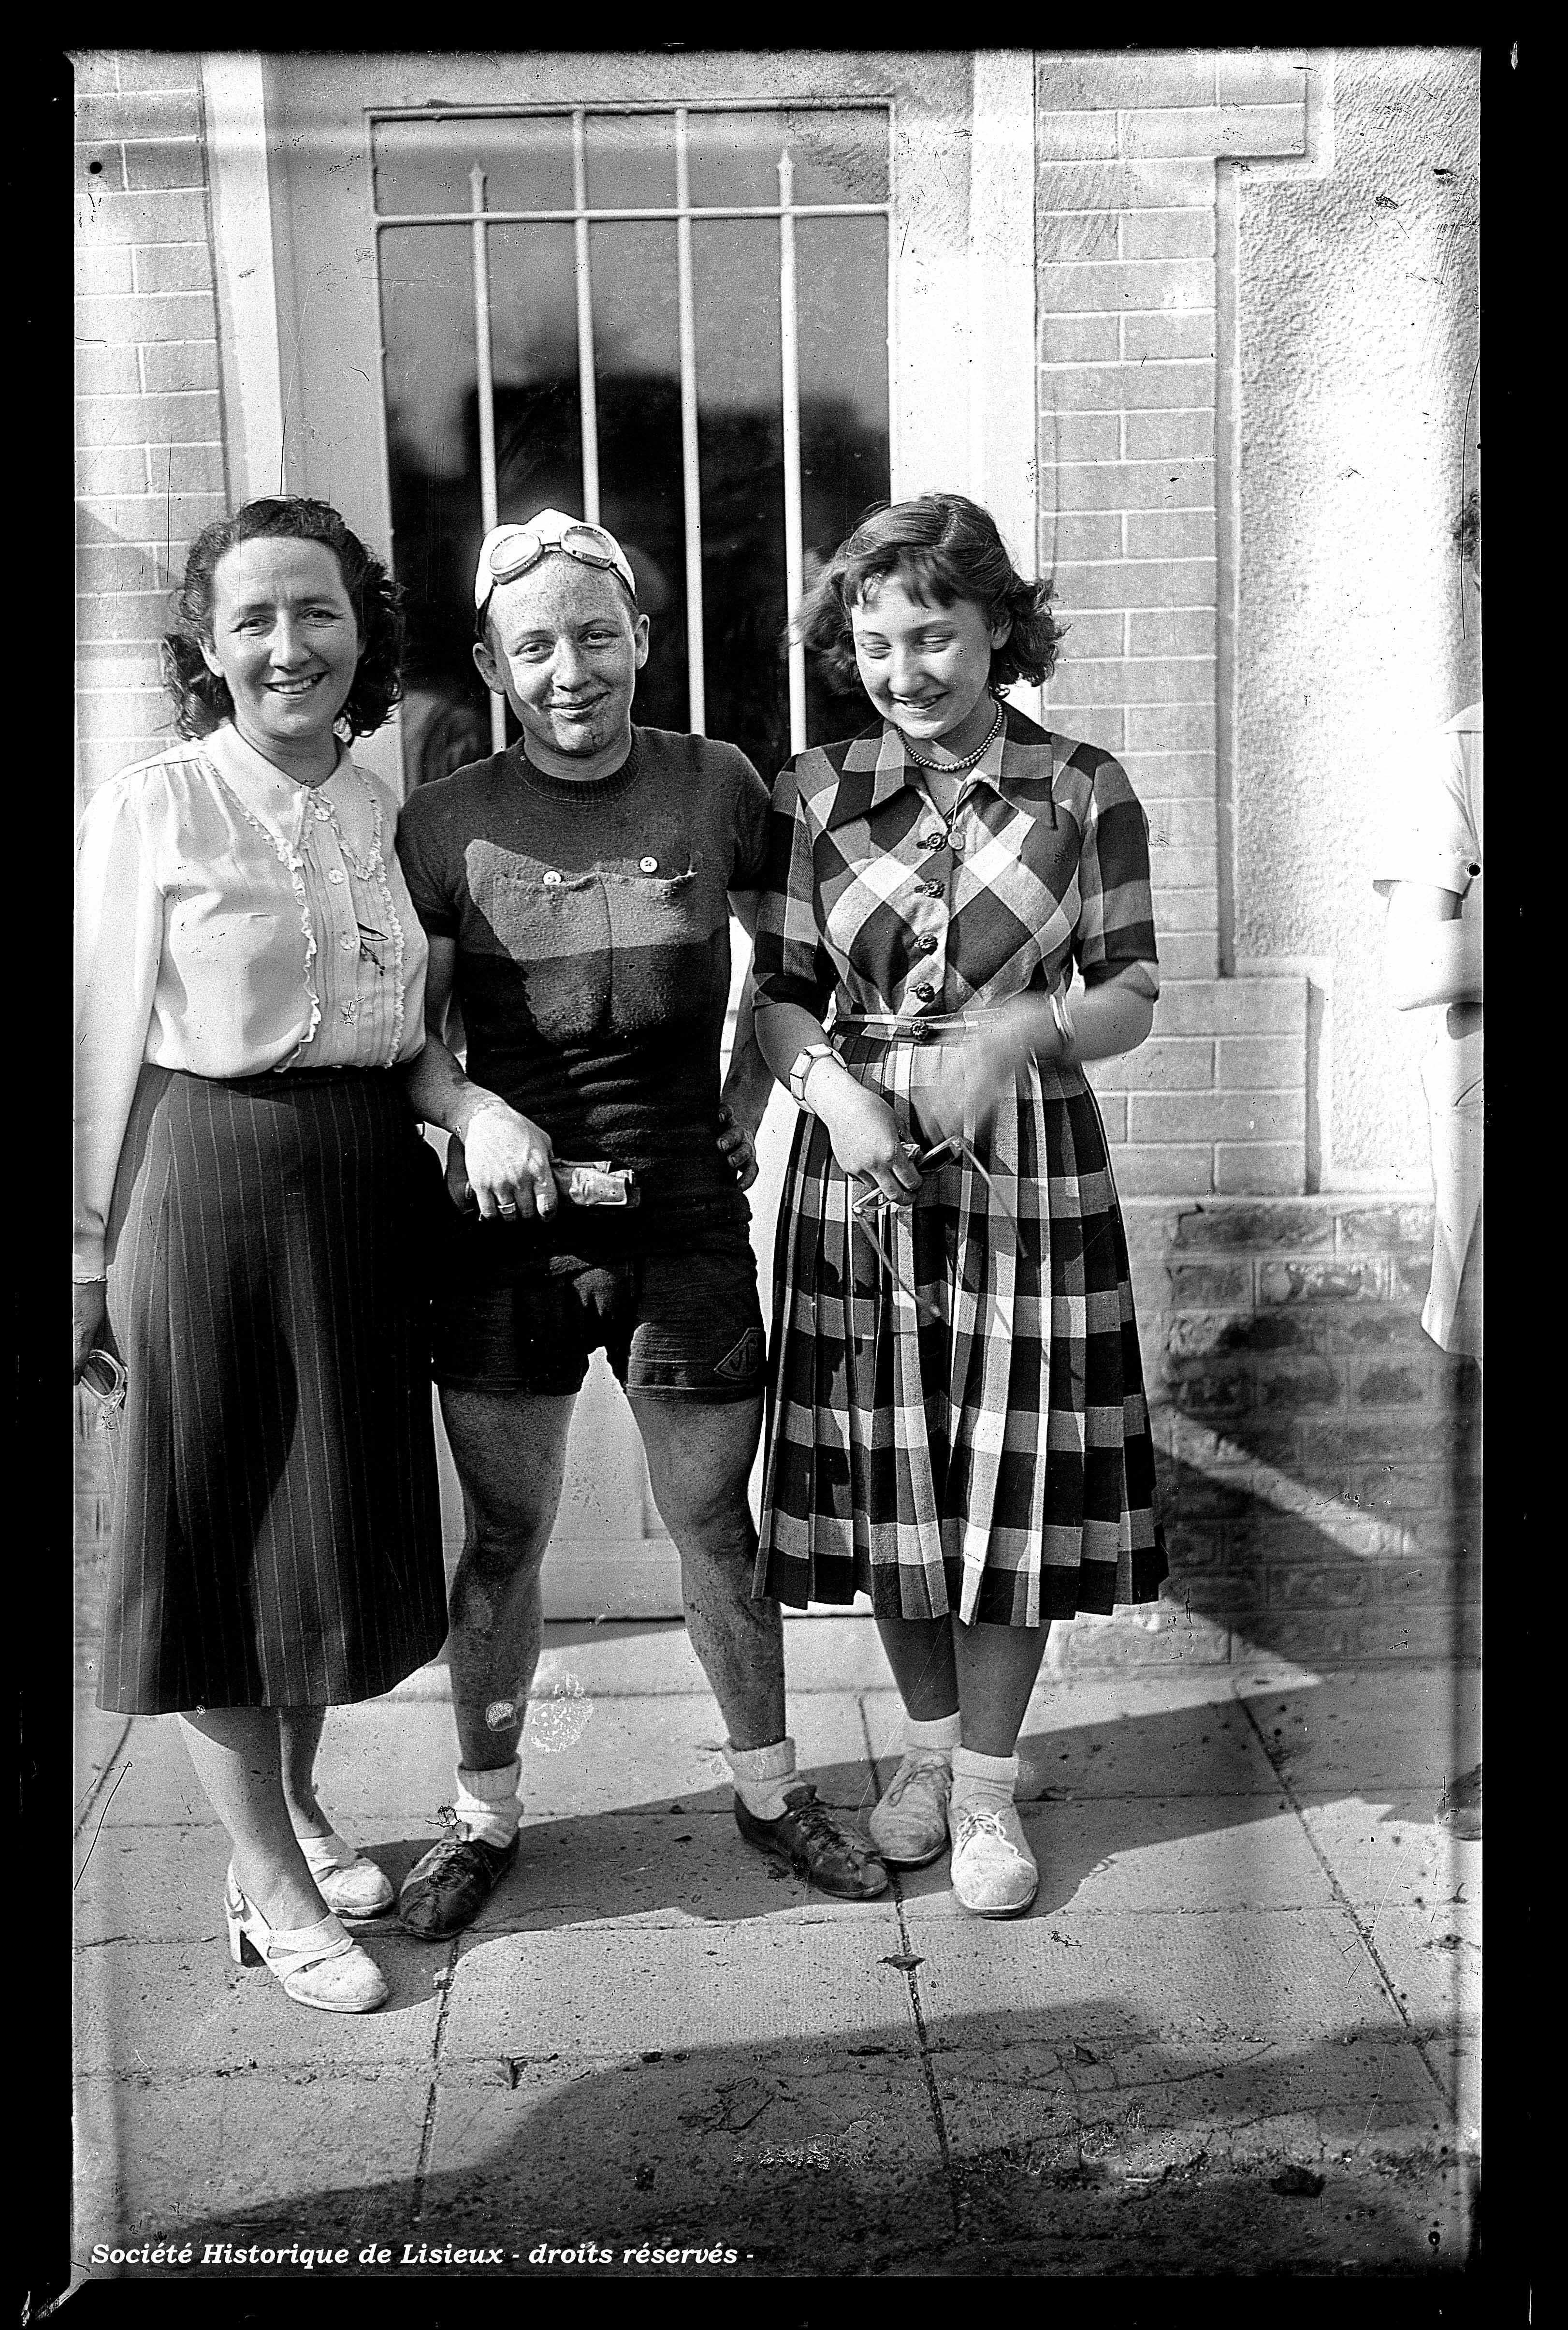 Coureur cycliste entouré de 2 jeunes femmes